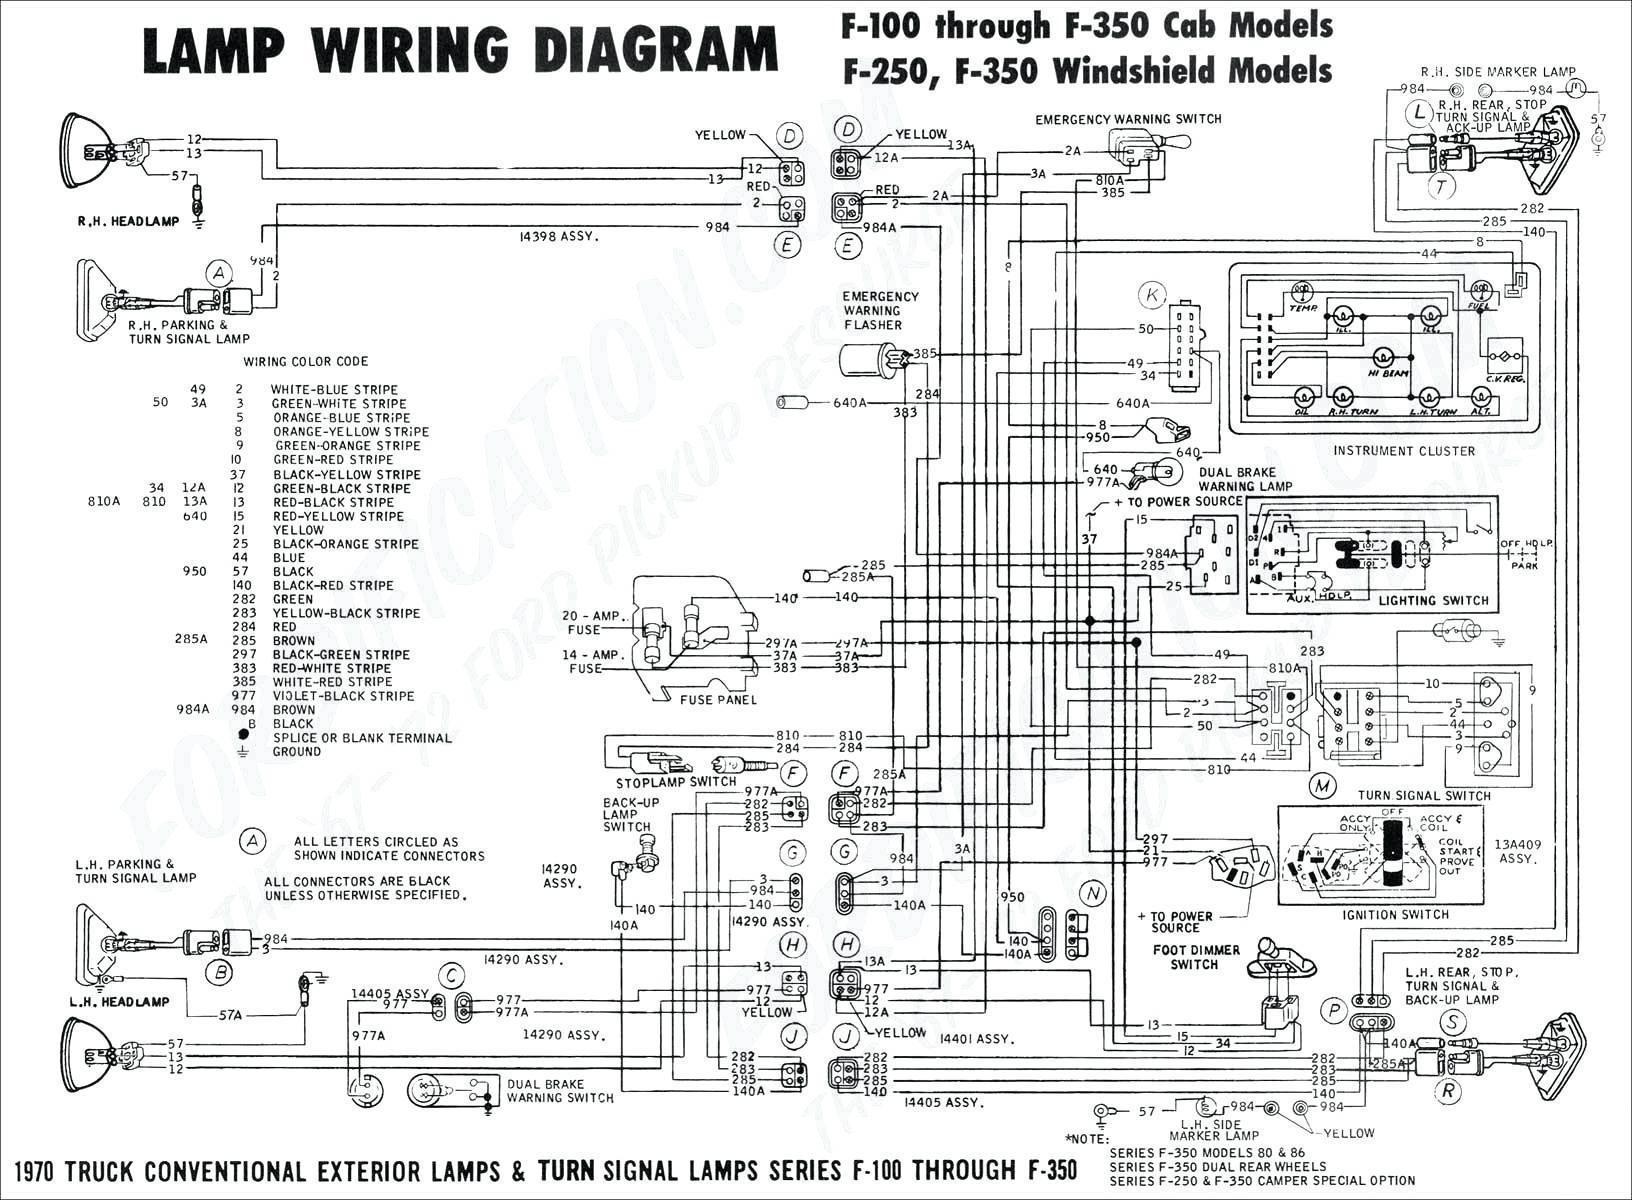 1999 Dodge Dakota Engine Diagram 2004 Durango Wiring Diagram Another Blog About Wiring Diagram • Of 1999 Dodge Dakota Engine Diagram